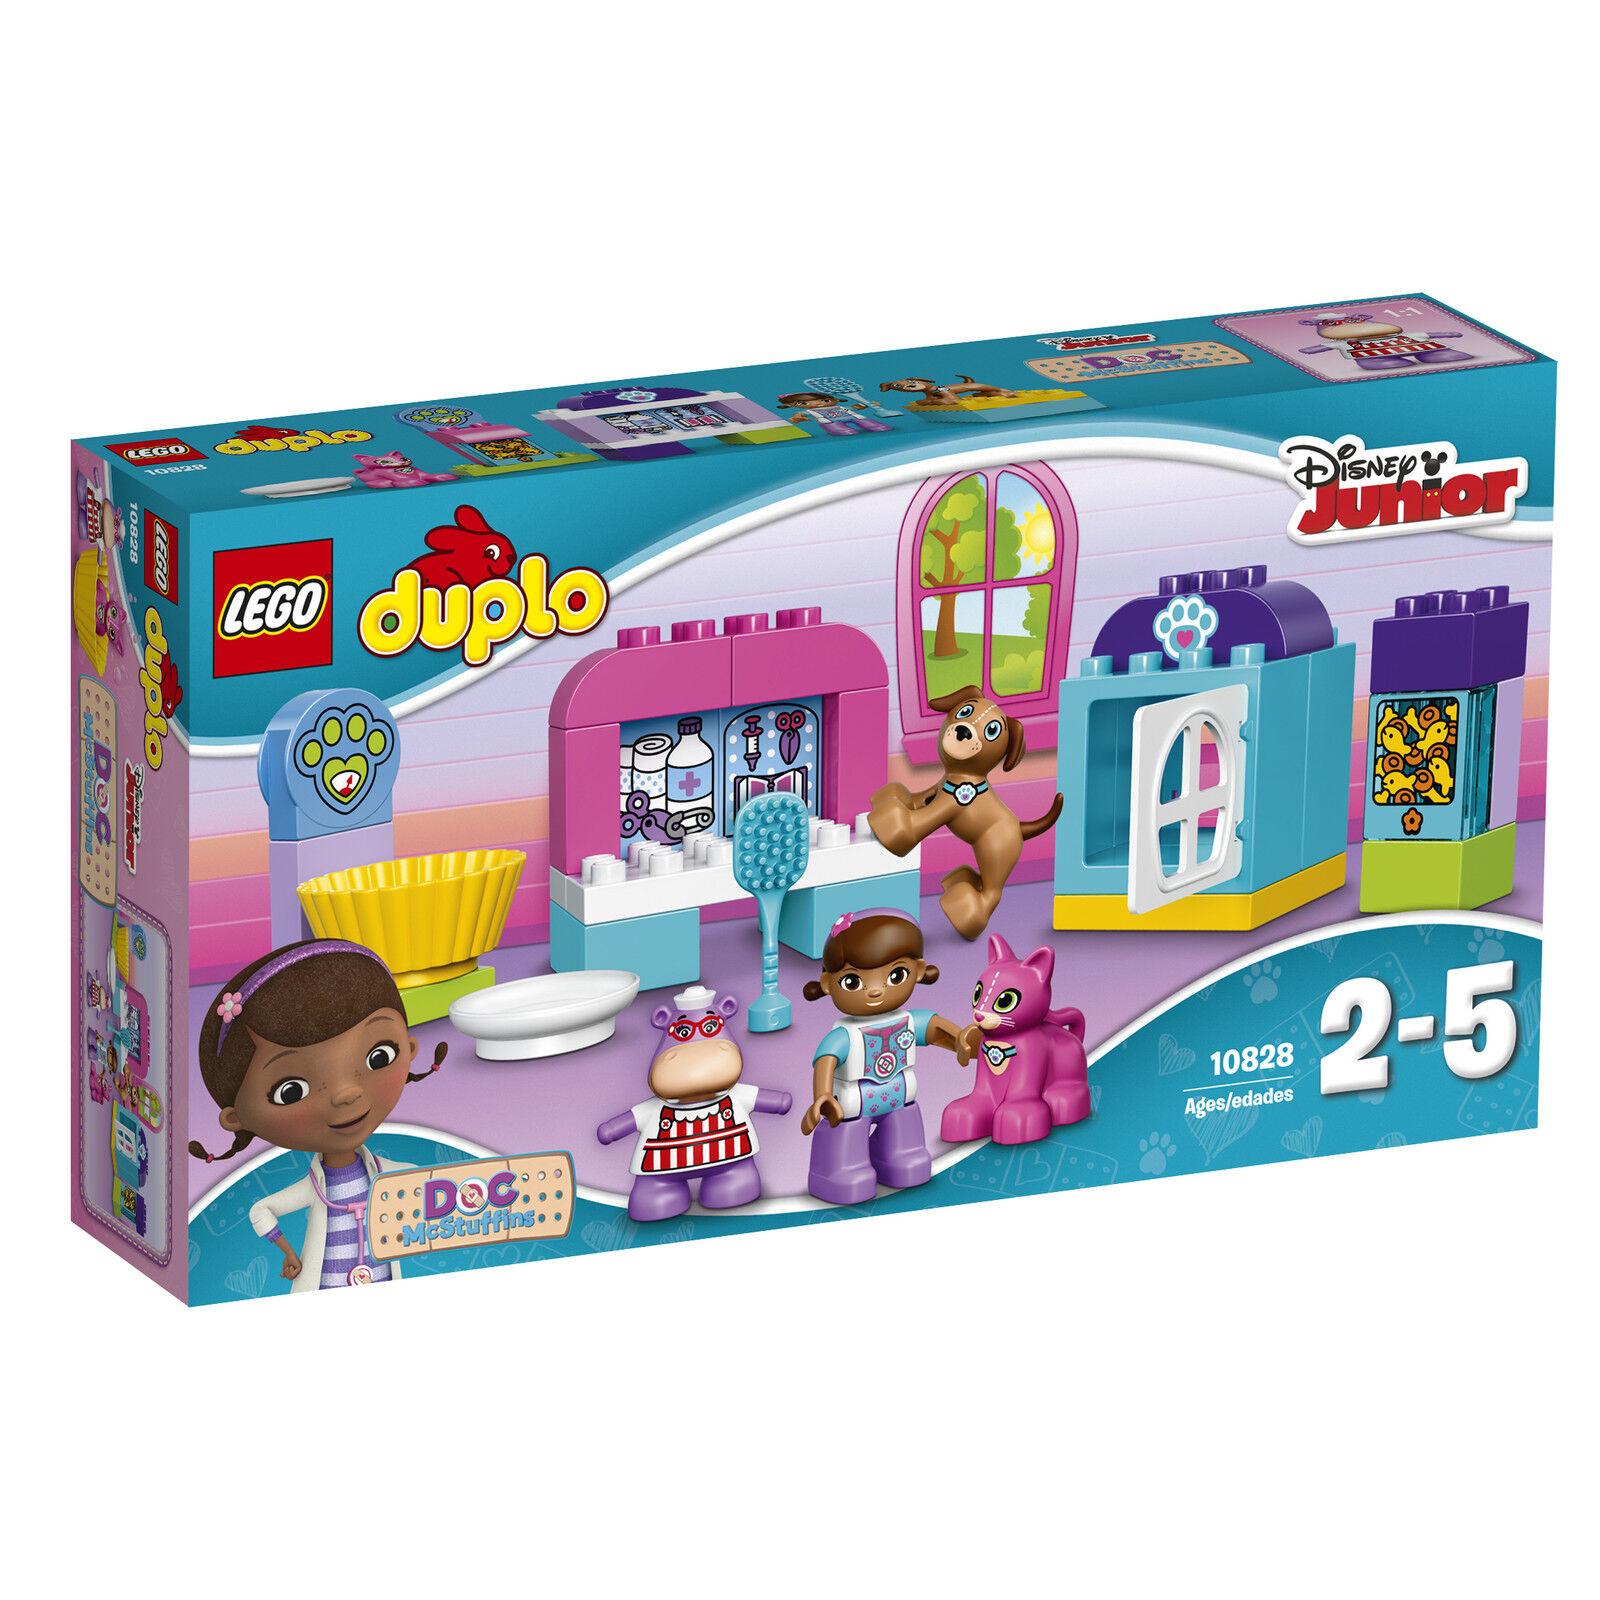 LEGO ® DUPLO ® 10828 soin des animaux salon nouveau neuf dans sa boîte _ Doc Mcstuffins 'Pet Vet Care New En parfait état, dans sa boîte scellée